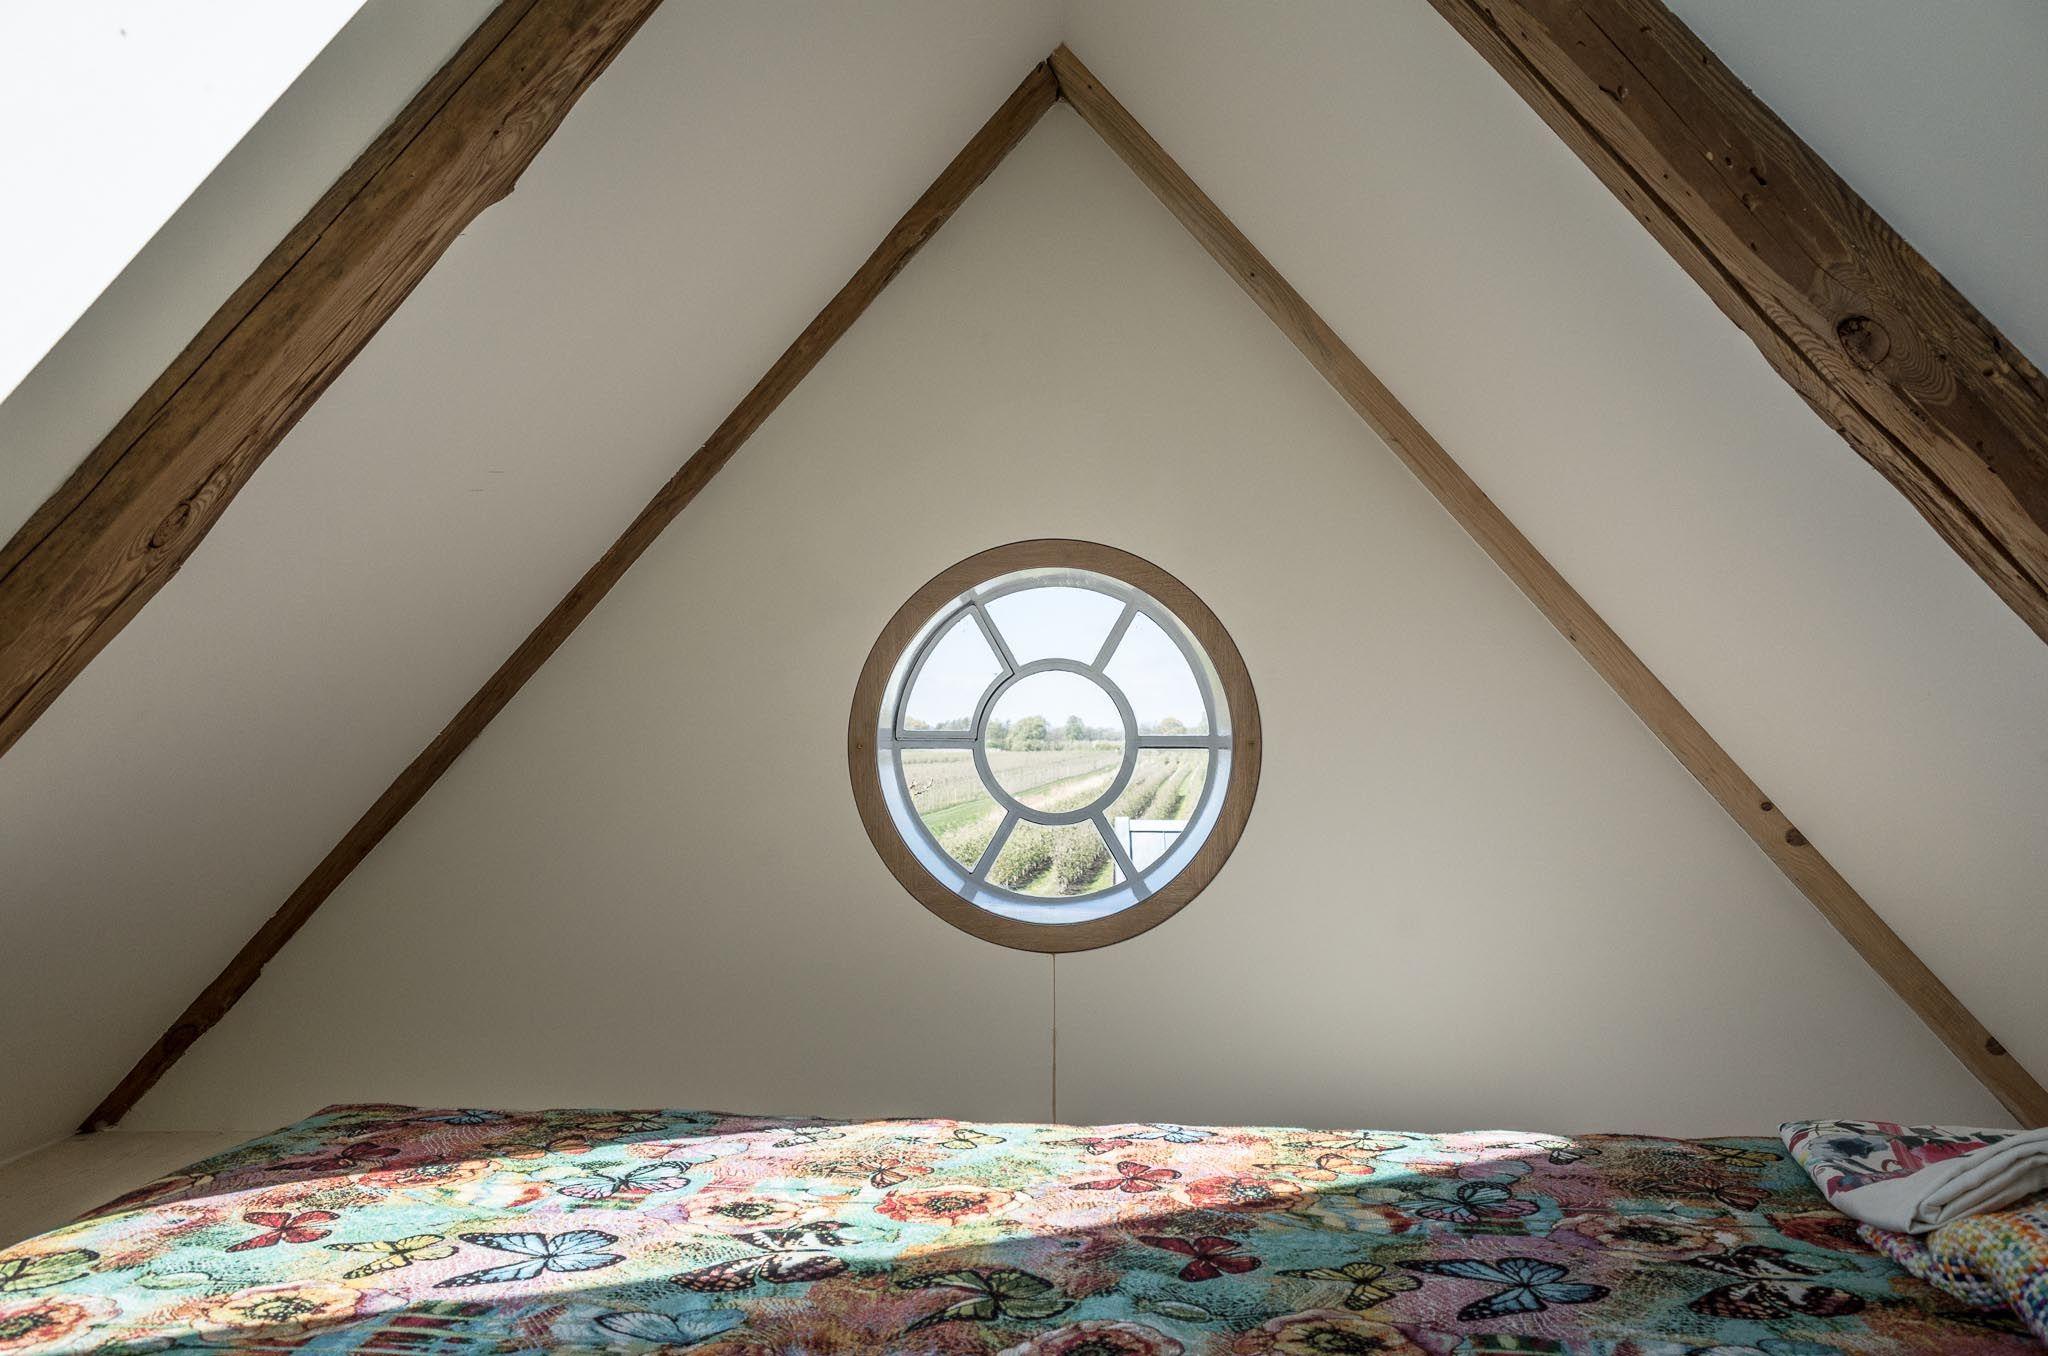 Dachboden Schlafzimmer ~ Lesezimmer lesen bilderbuch versteck auguck vogelkoje